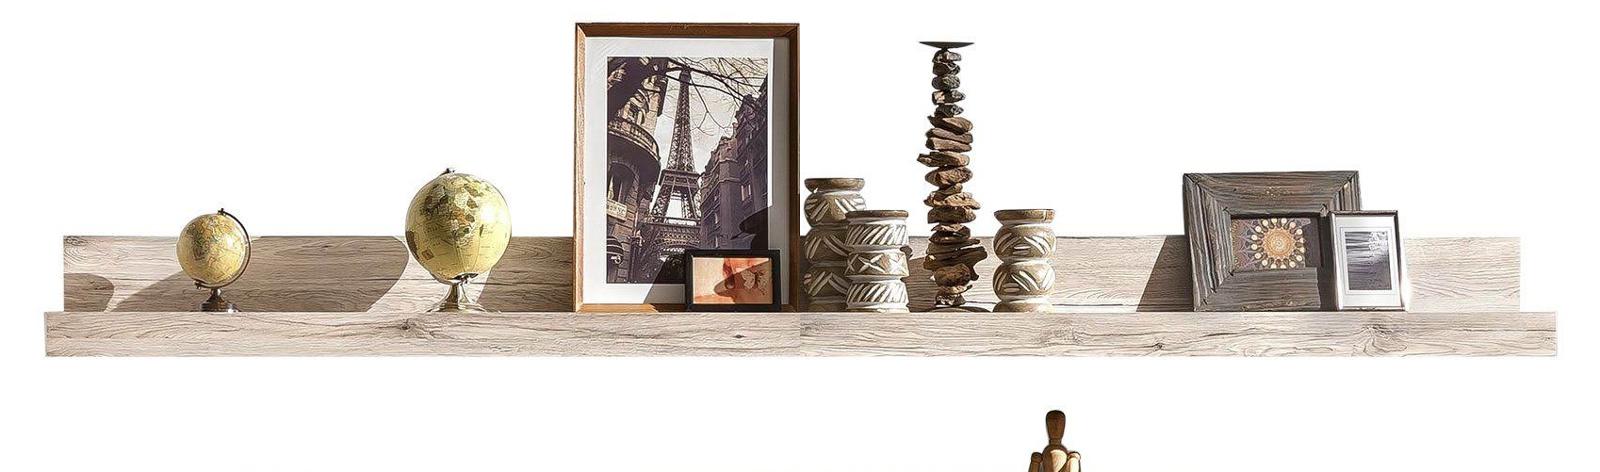 wandregal passat eiche sand g nstig online kaufen. Black Bedroom Furniture Sets. Home Design Ideas